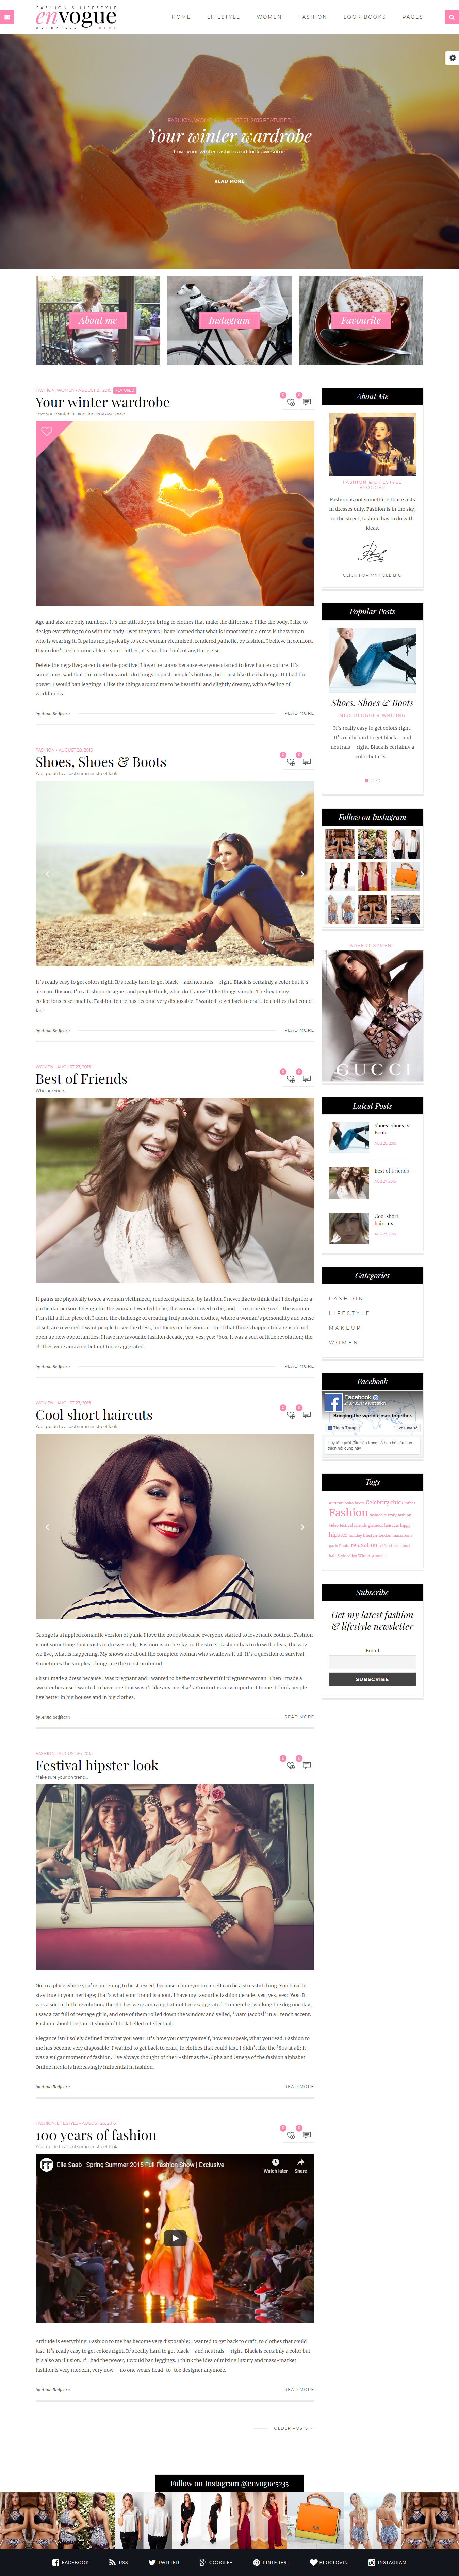 EnVogue: el mejor tema de WordPress de estilo de vida premium